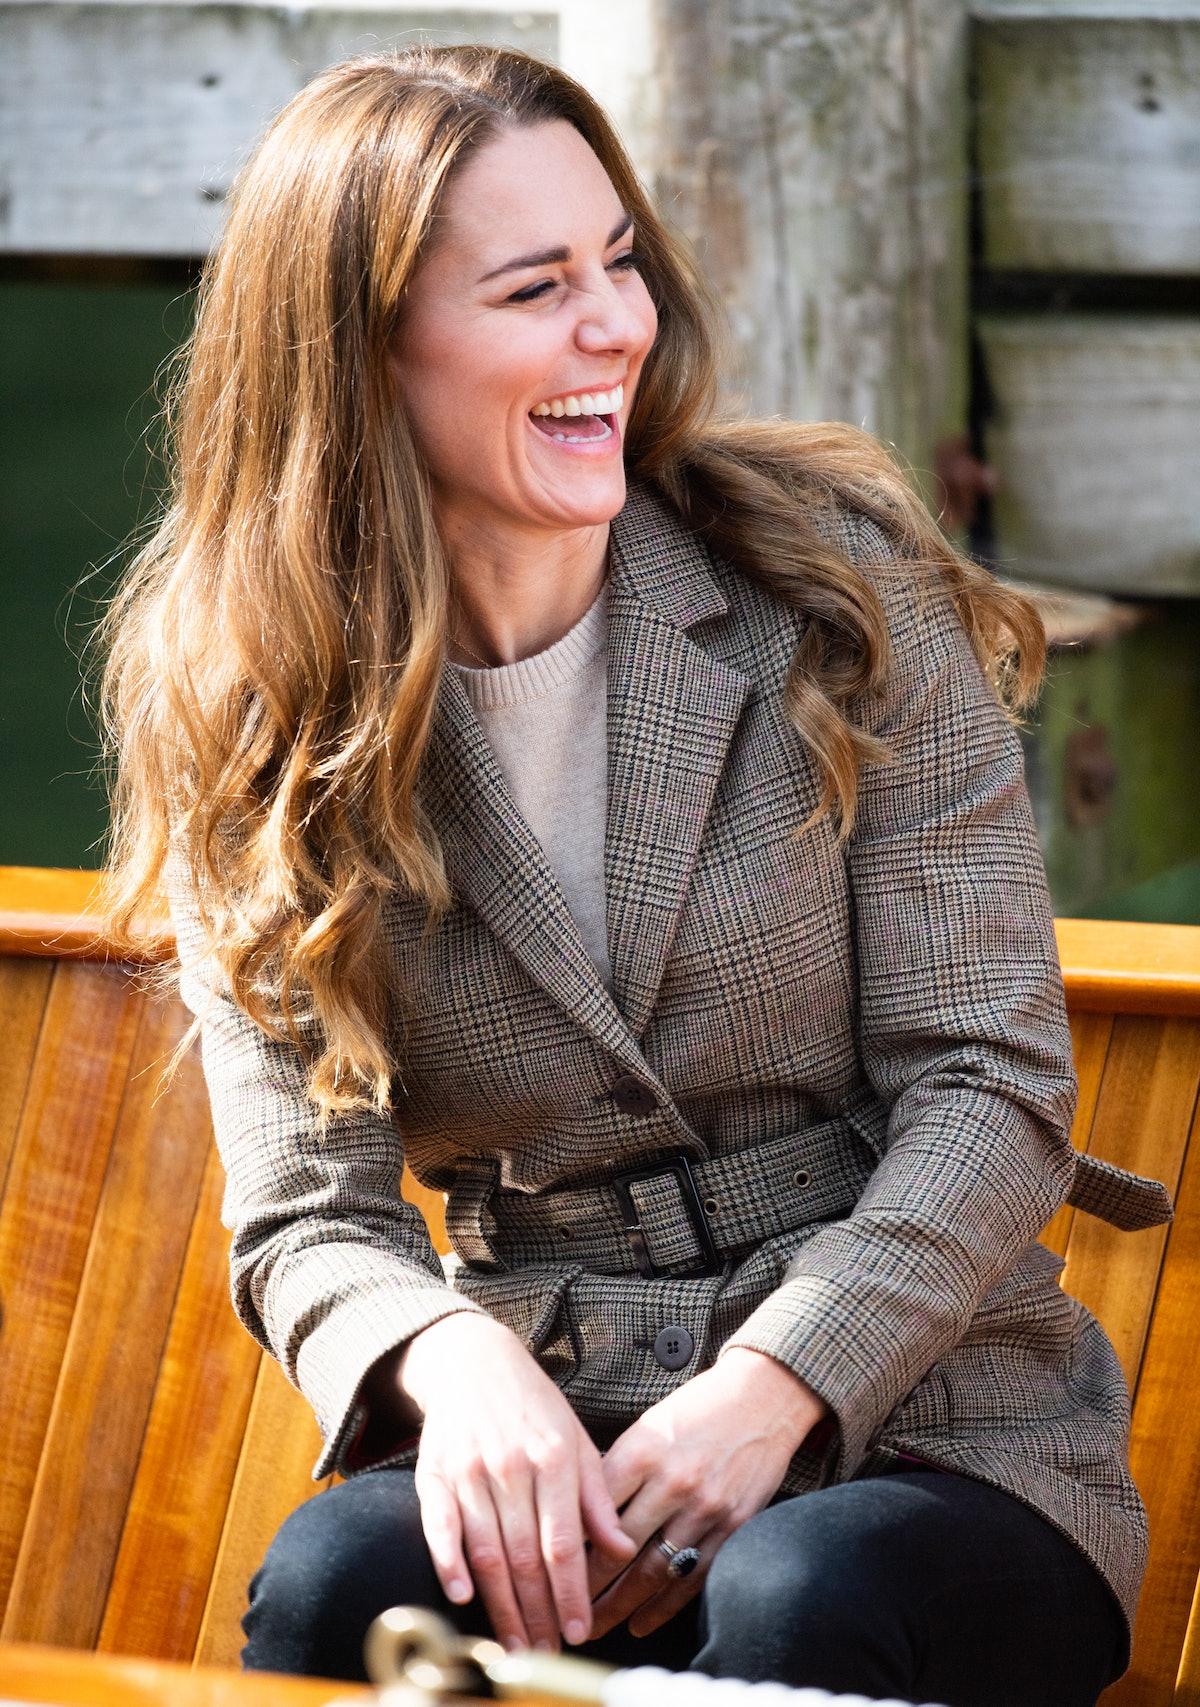 ویندرمر ، انگلیس - 21 سپتامبر: کاترین ، دوشس کمبریج برای سفر به قایق می آید ...